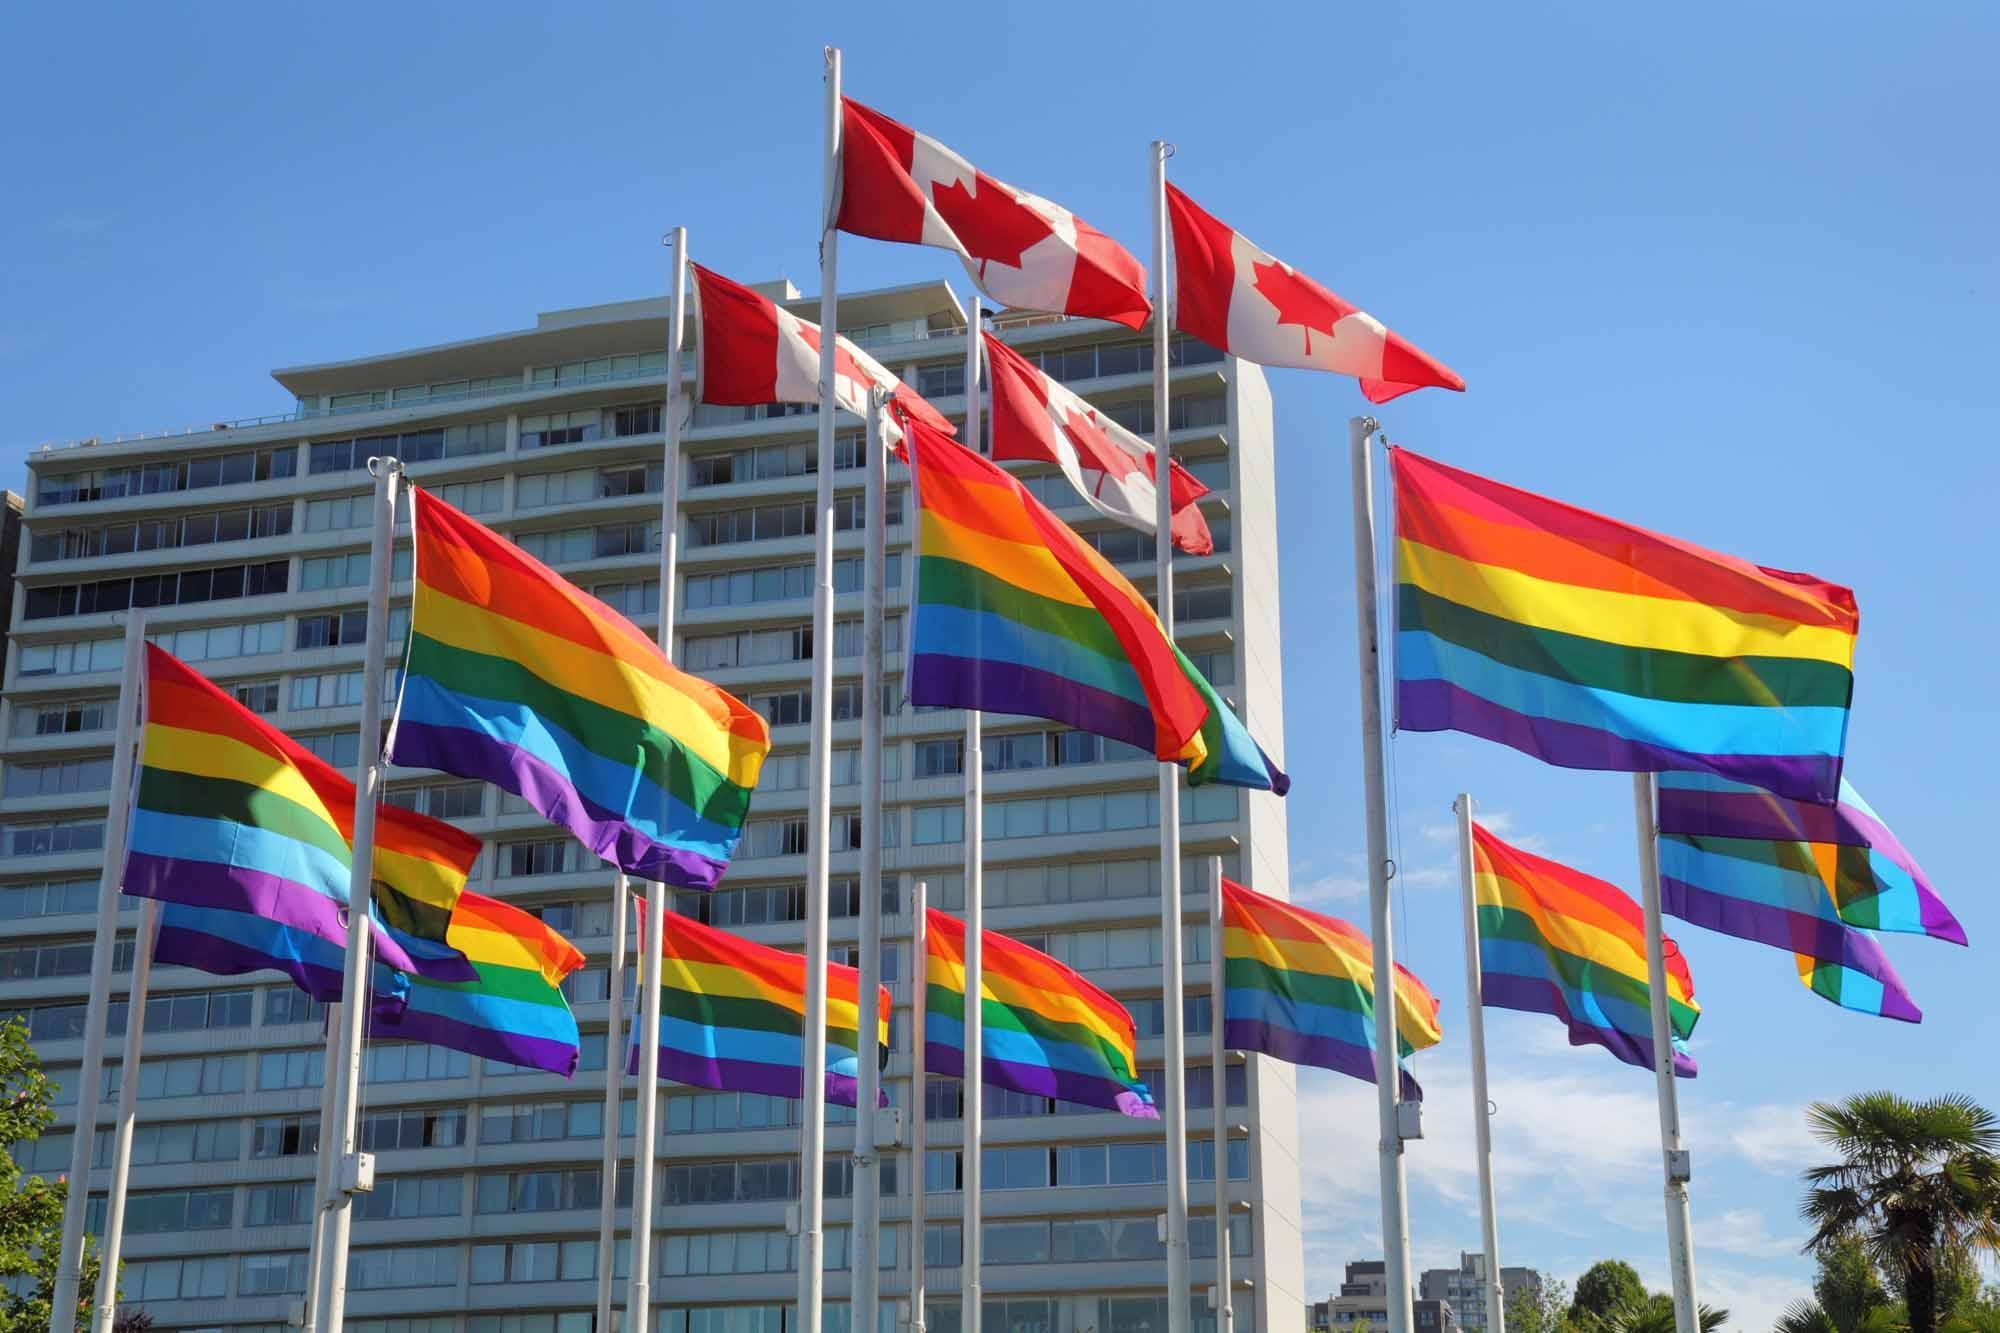 Maioria dos Canadenses acreditam que um Primeiro-Ministro Gay poderá ser eleito em 10 anos 49936680 e046 4501 8593 85b8bc94d071